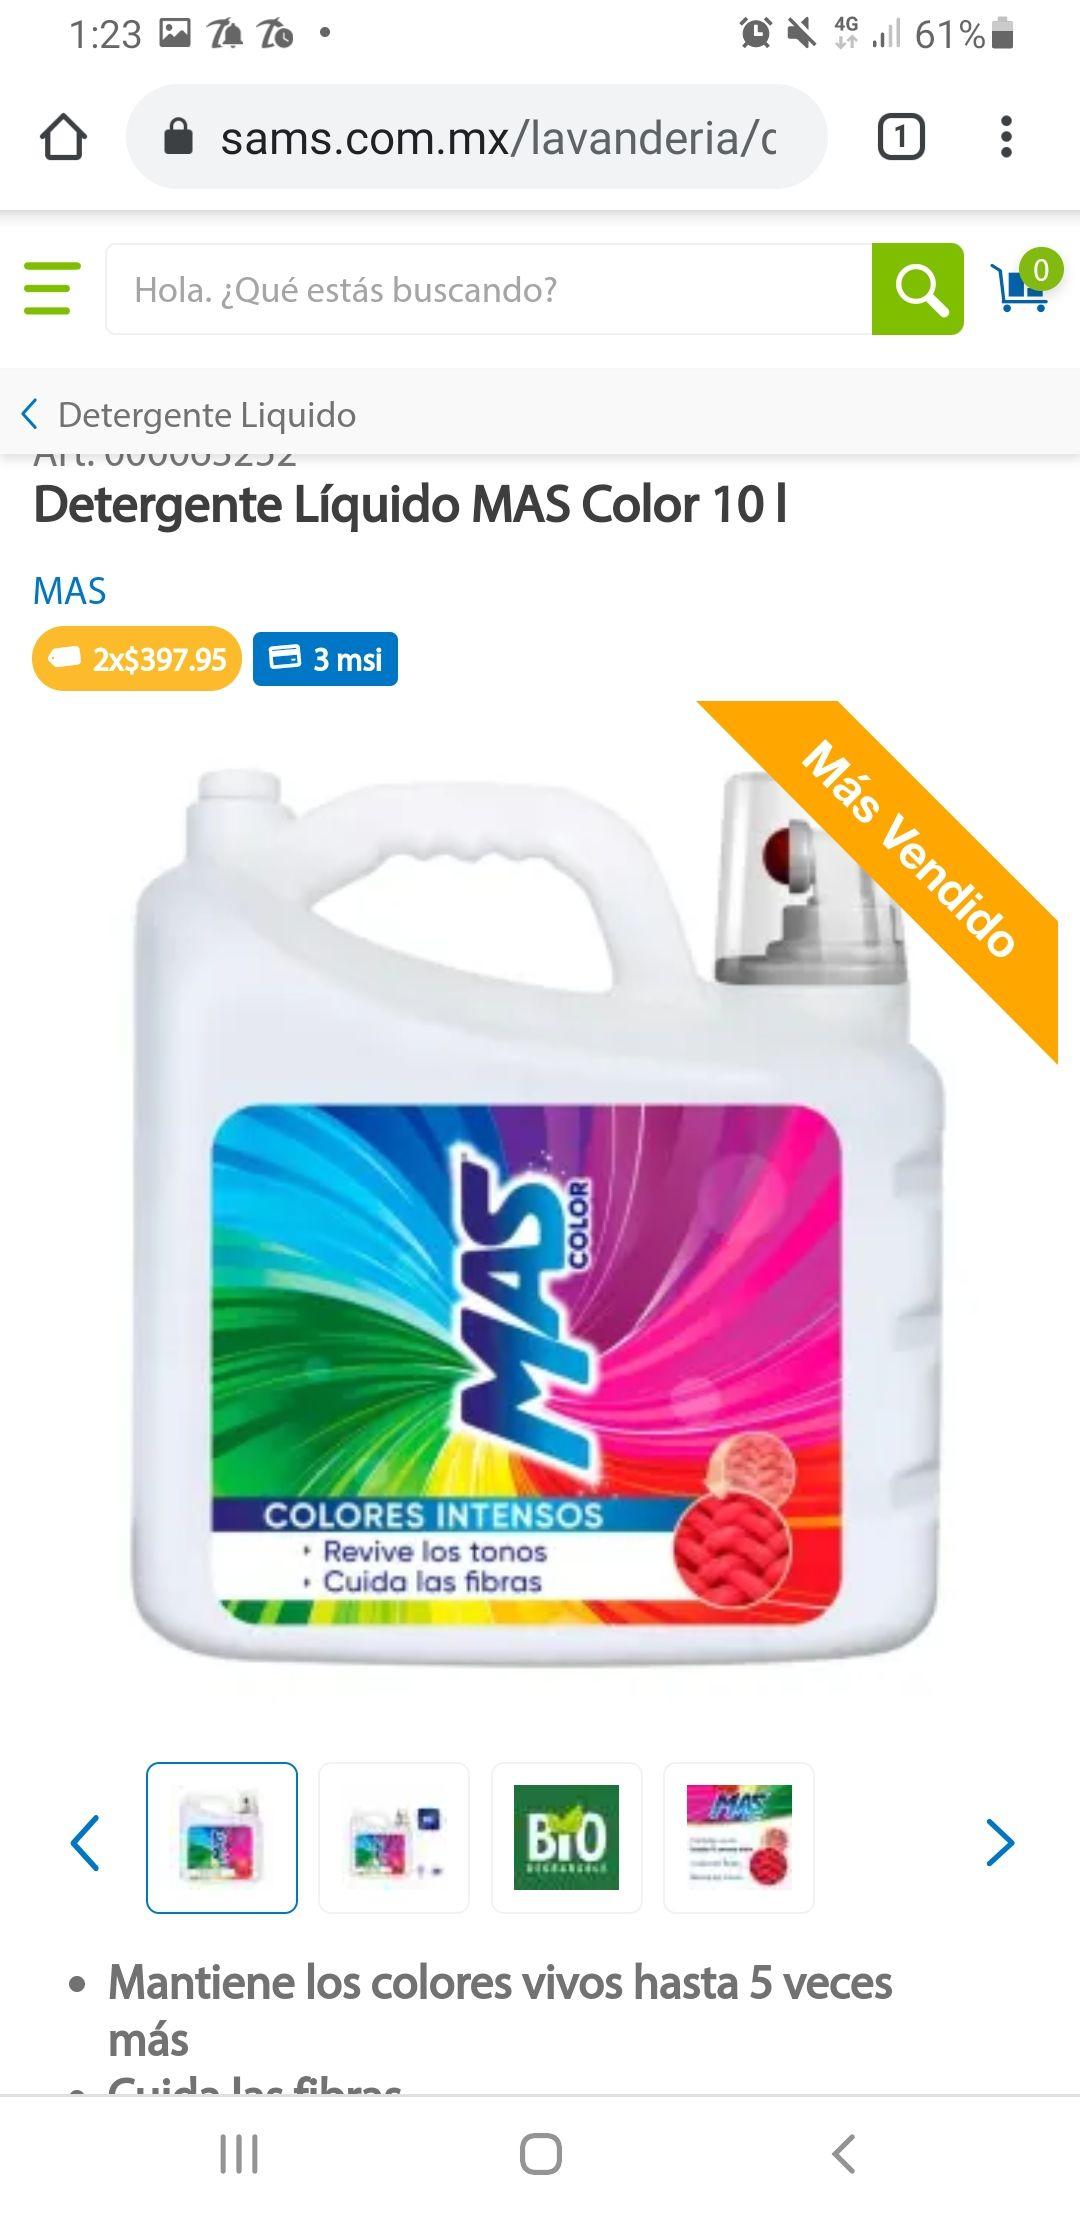 Sam's Club: Detergente más color 20 litros (2 de 10lt c/u)